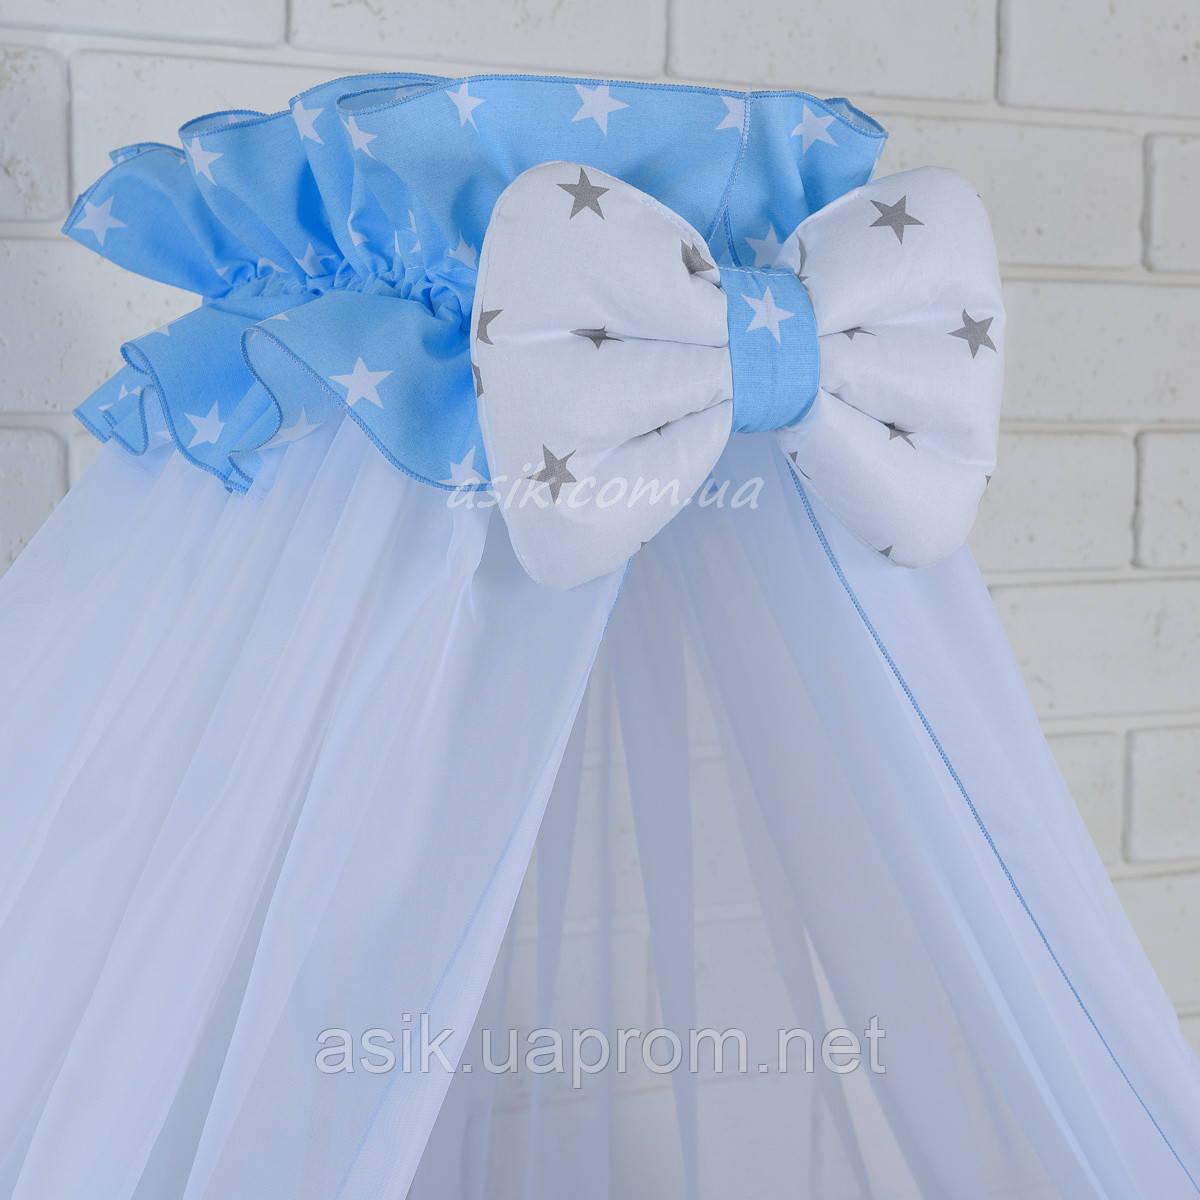 Балдахін на ліжечко з оборкою блакитного кольору в білі зірки